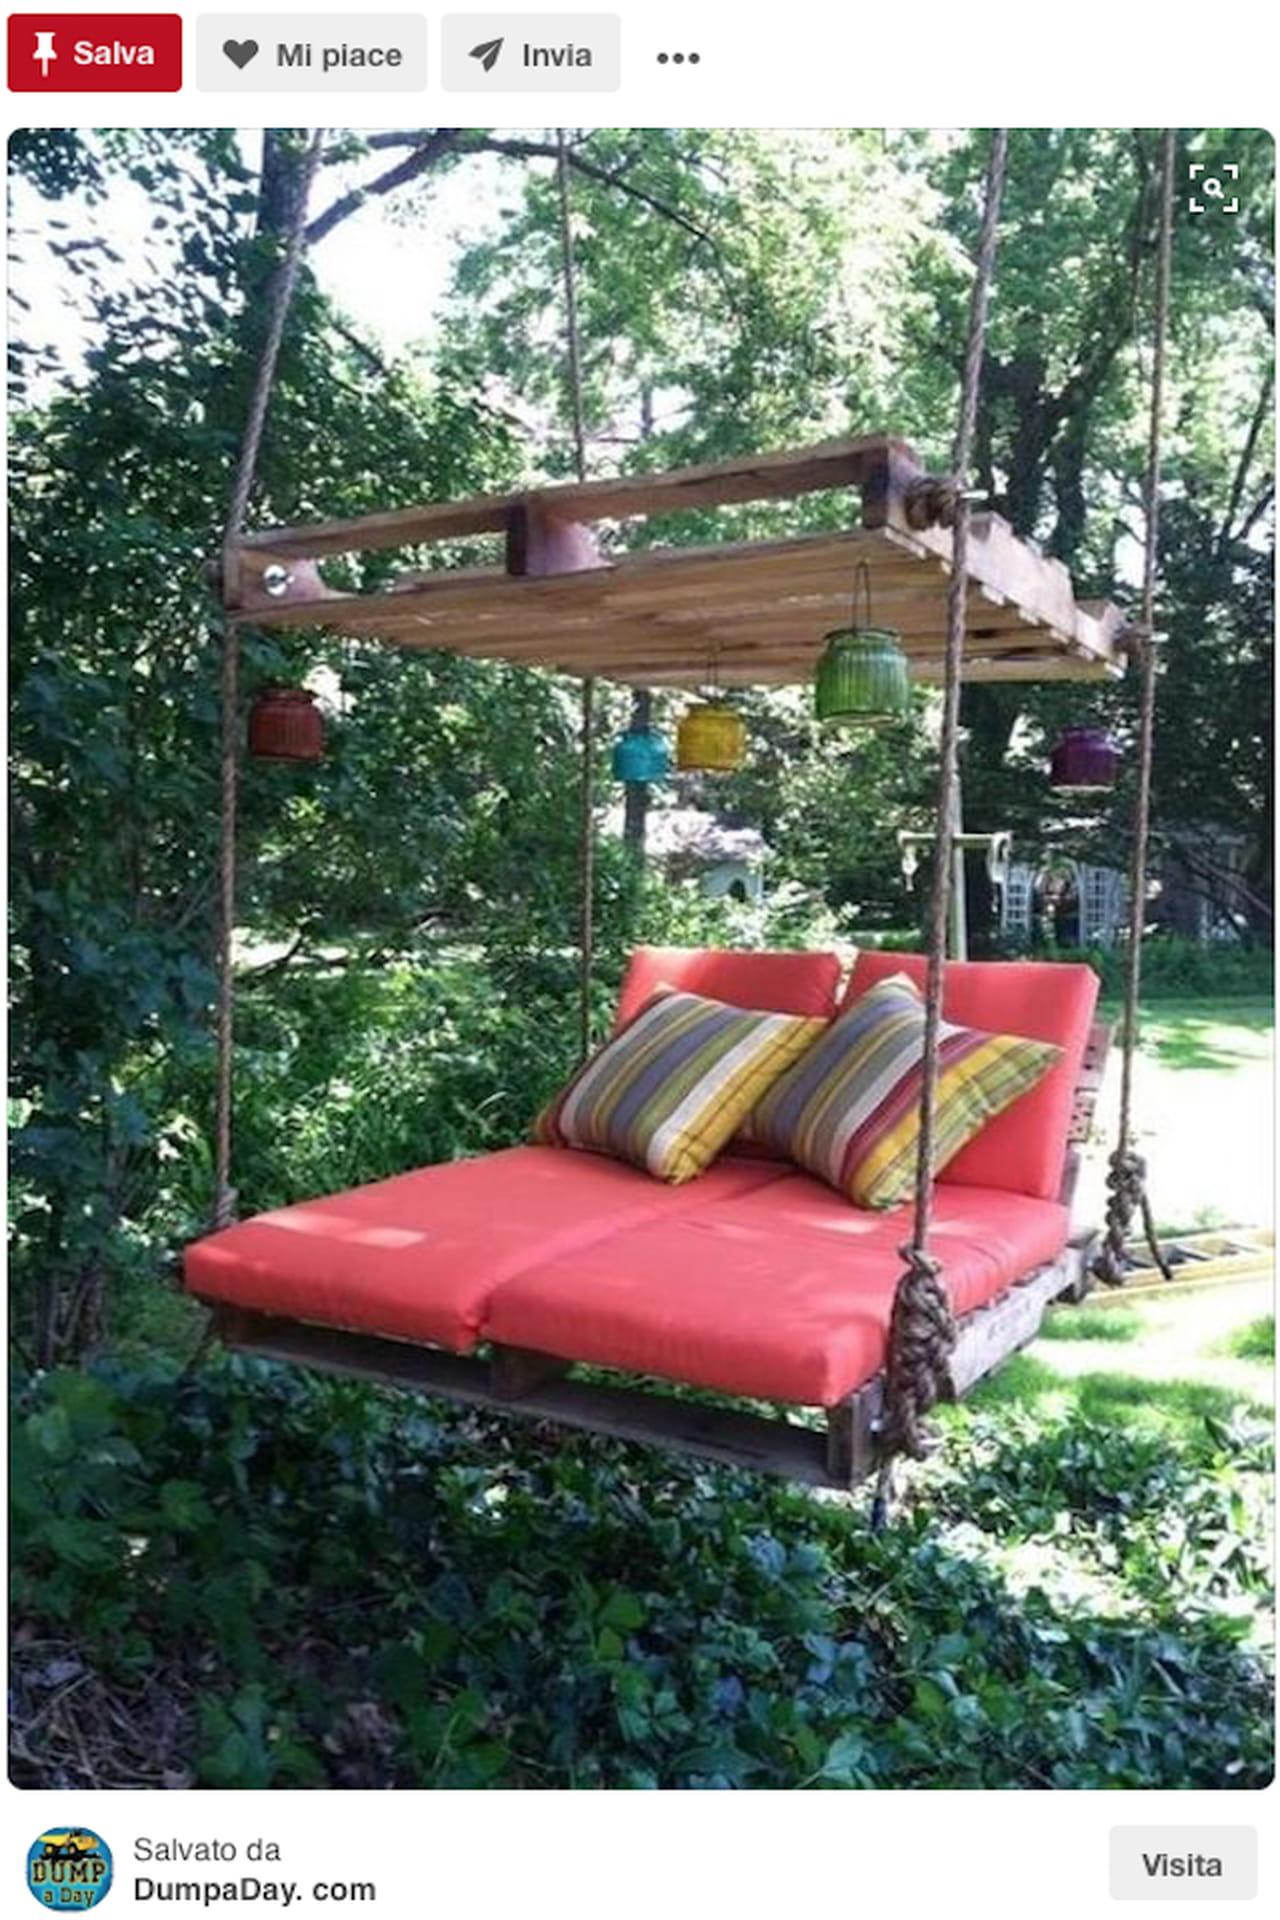 Creazioni fai da te idee giardino da pinterest for Piccoli giardini fai da te